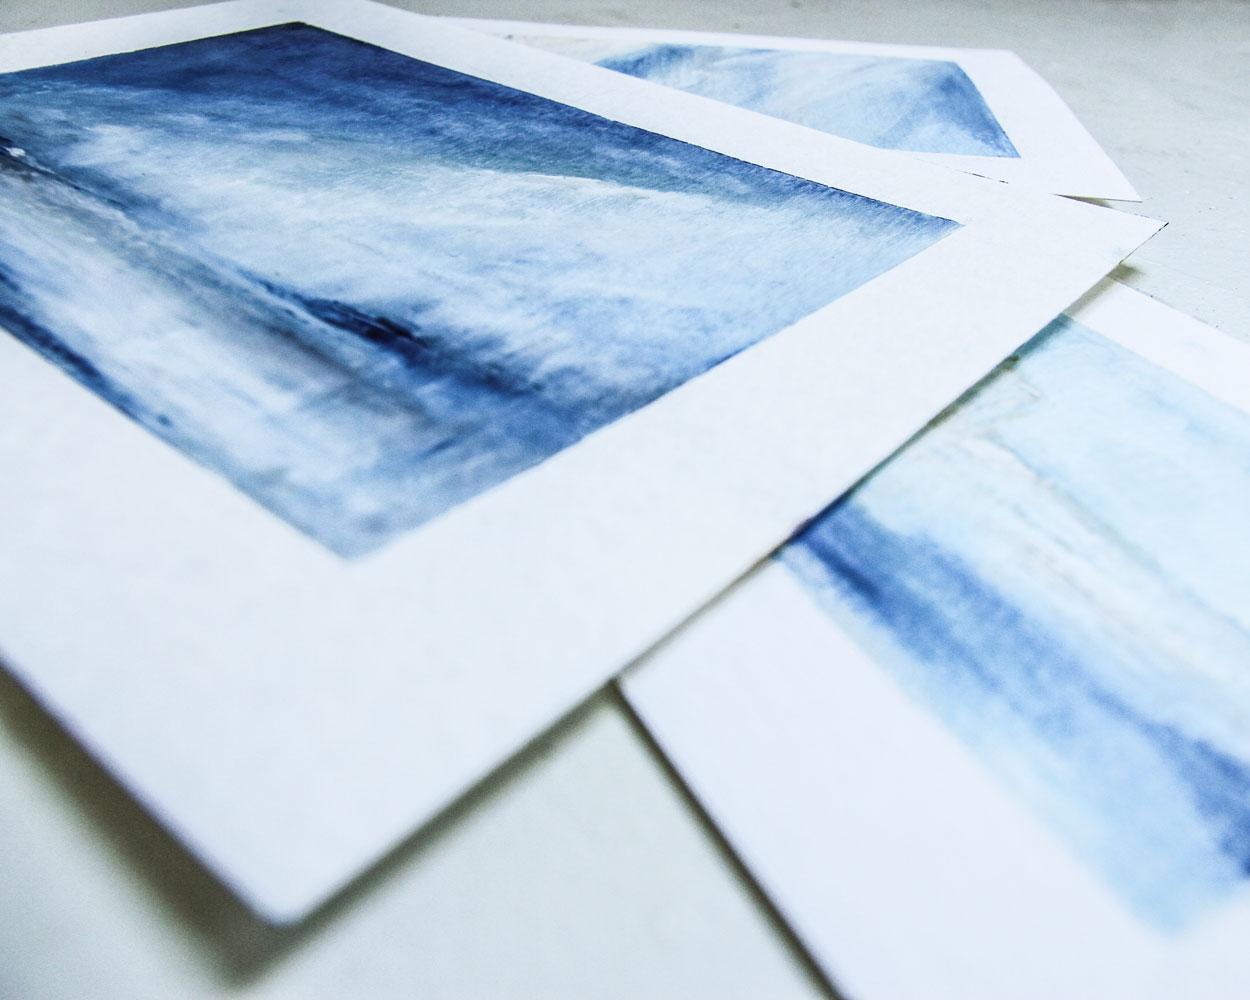 We_are_ocean_1.jpg